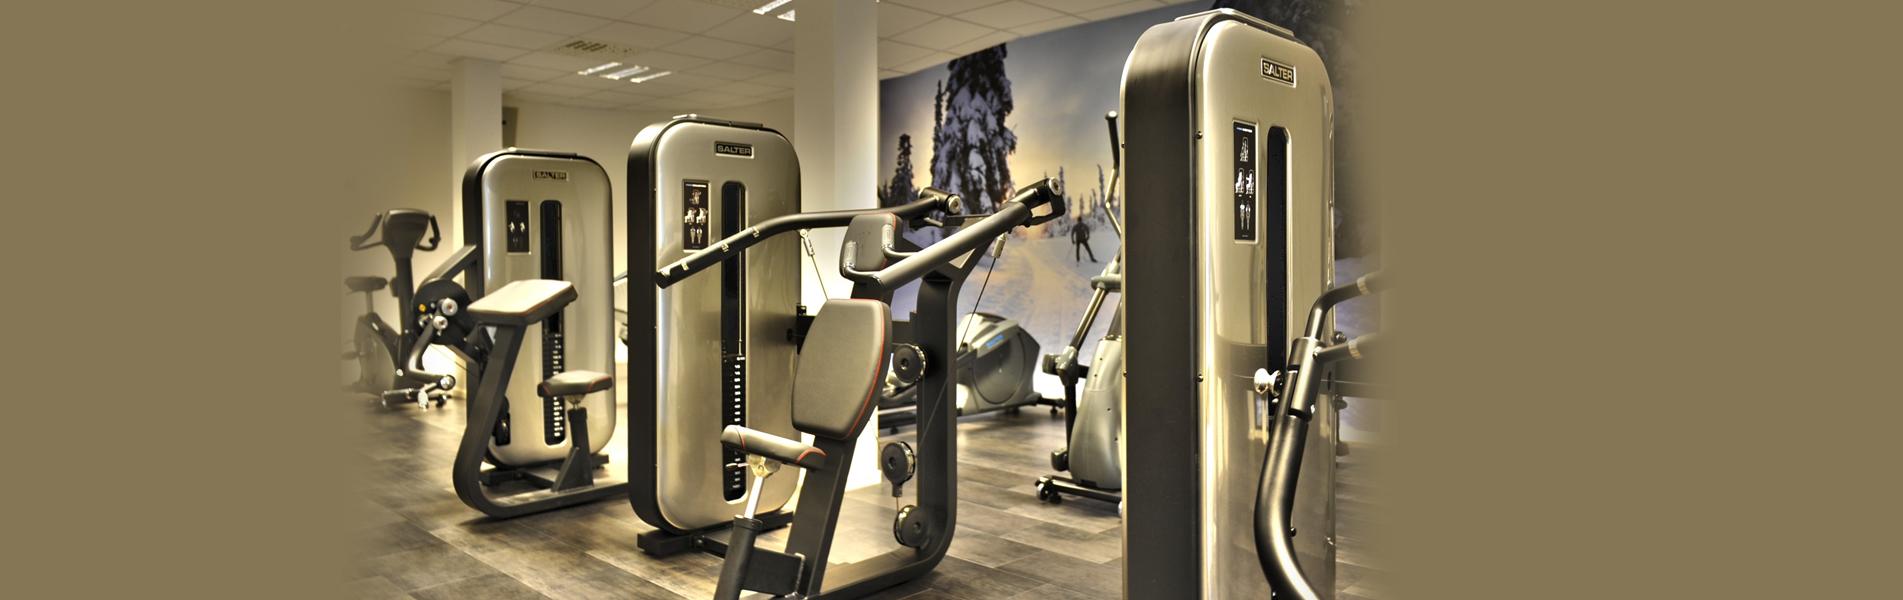 Salter Fitness Equipment (Spain)